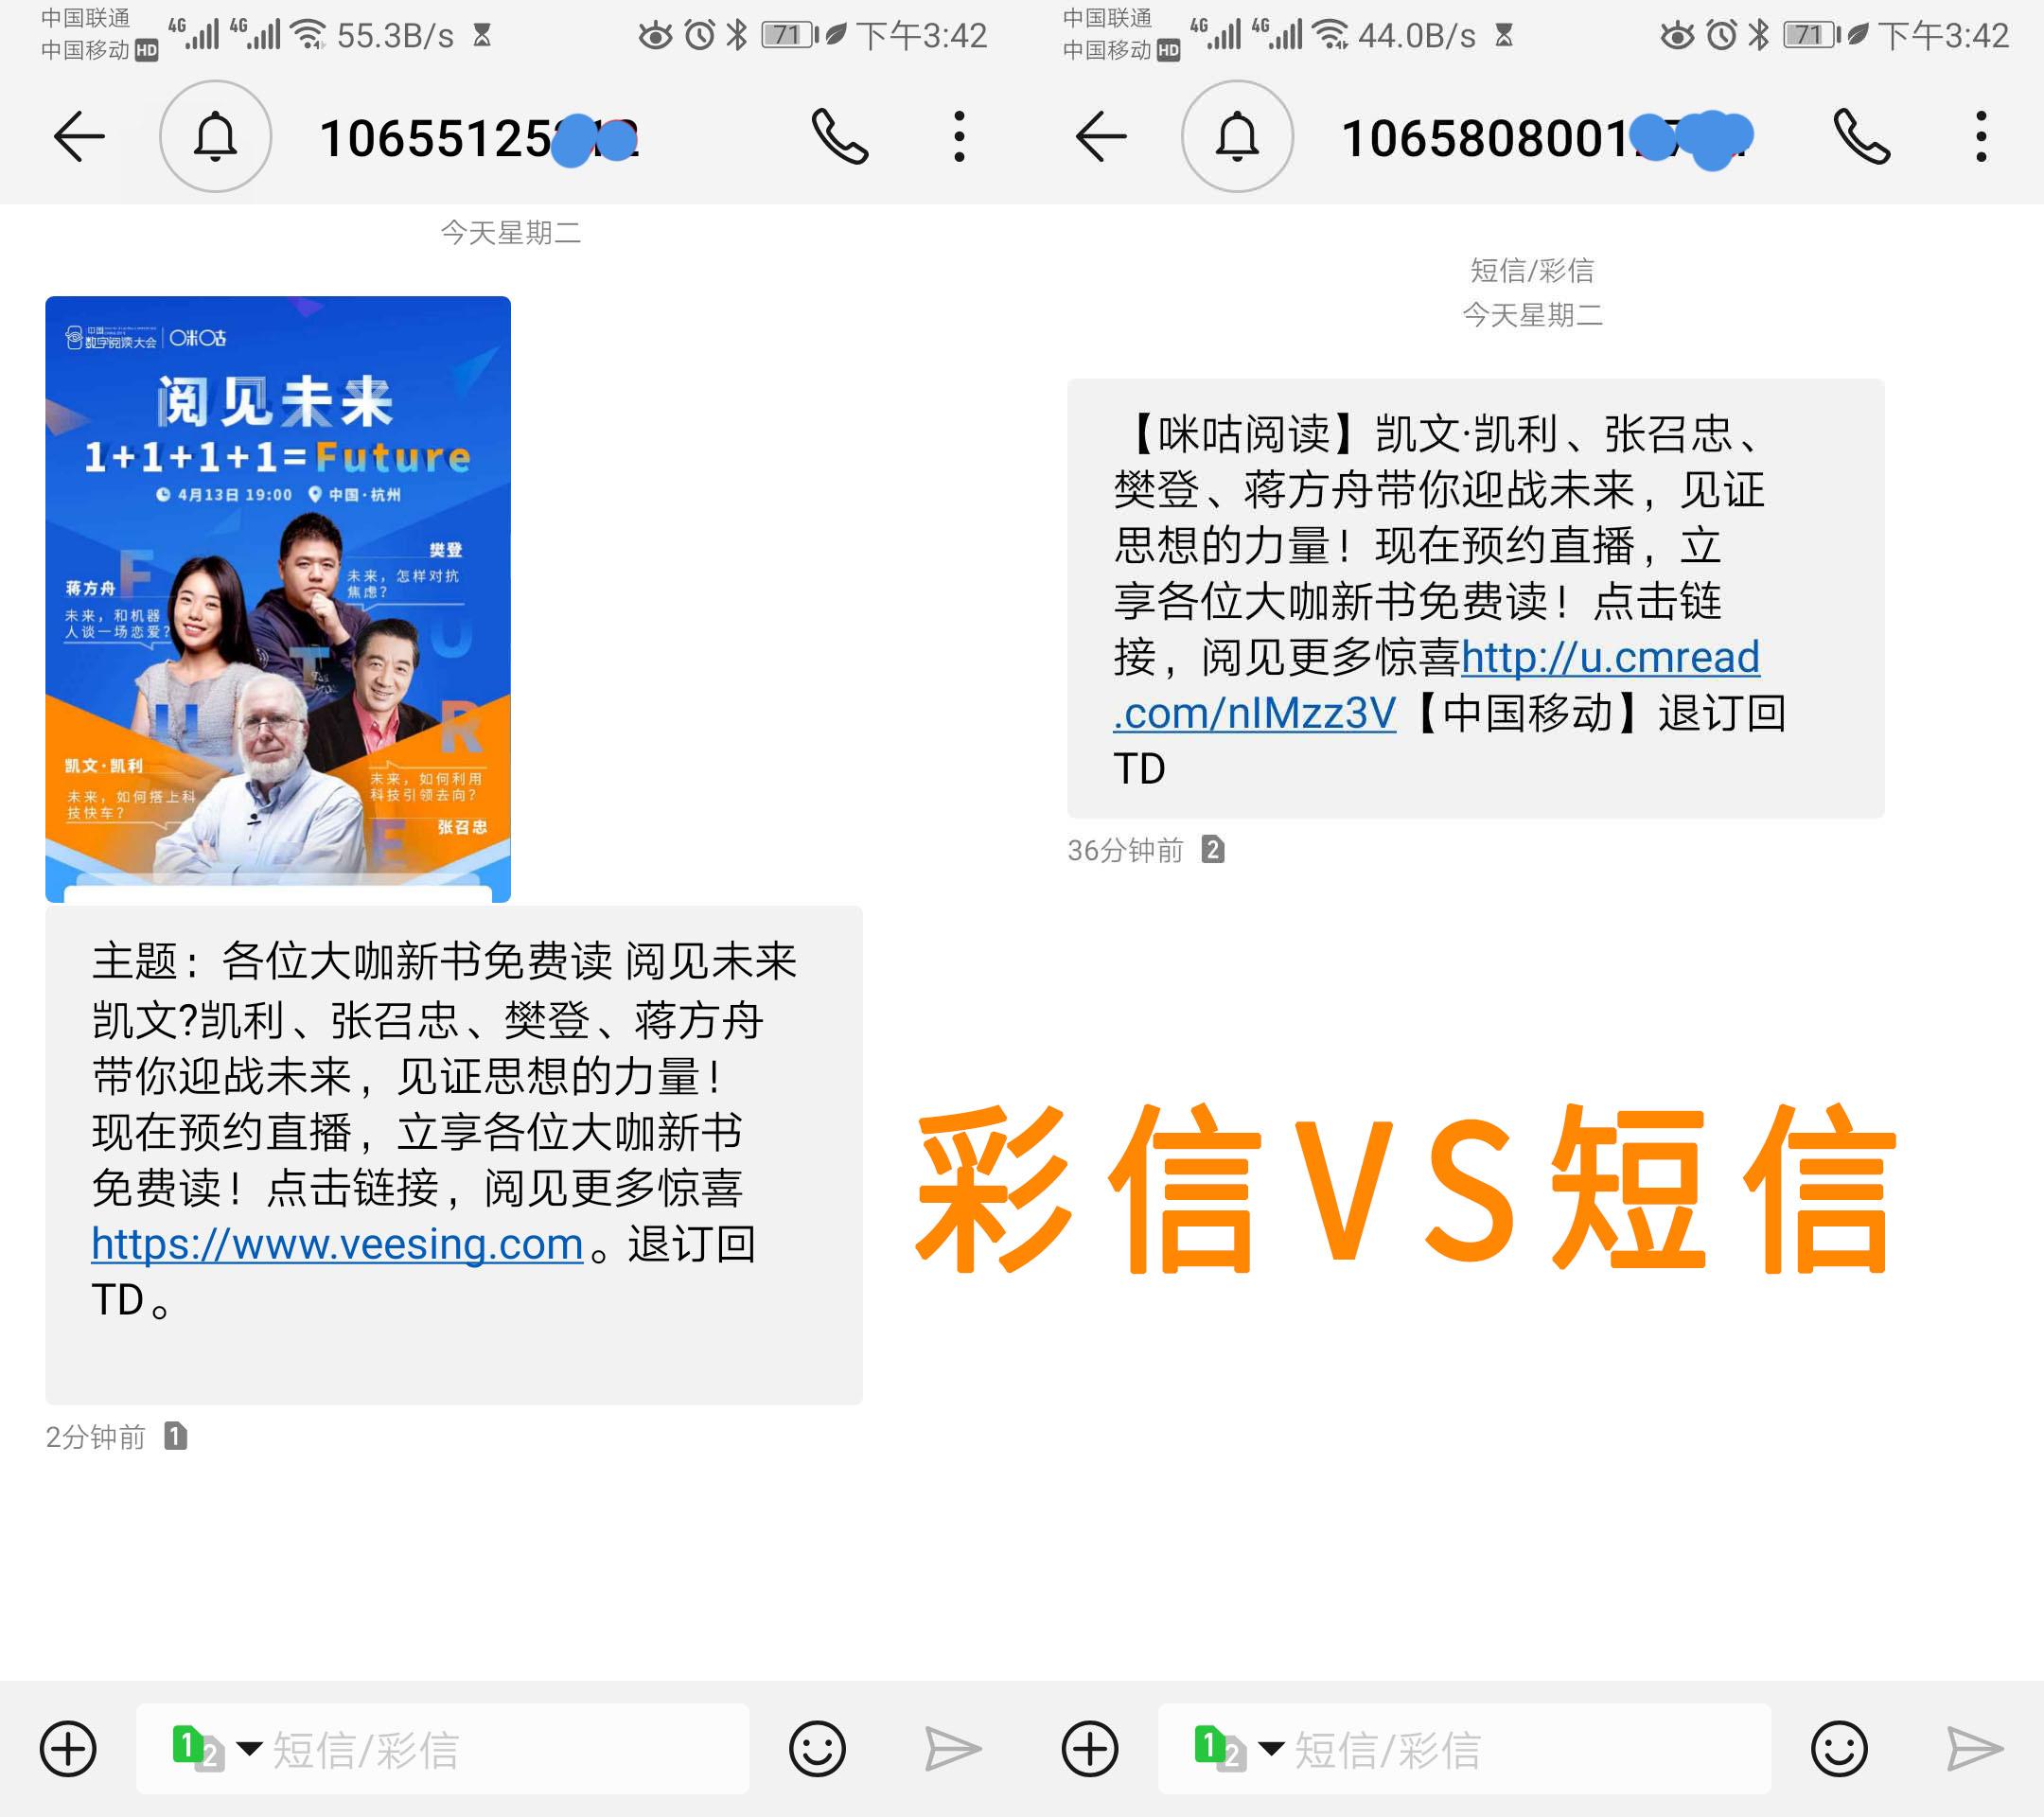 短信和彩信接收对比.jpg